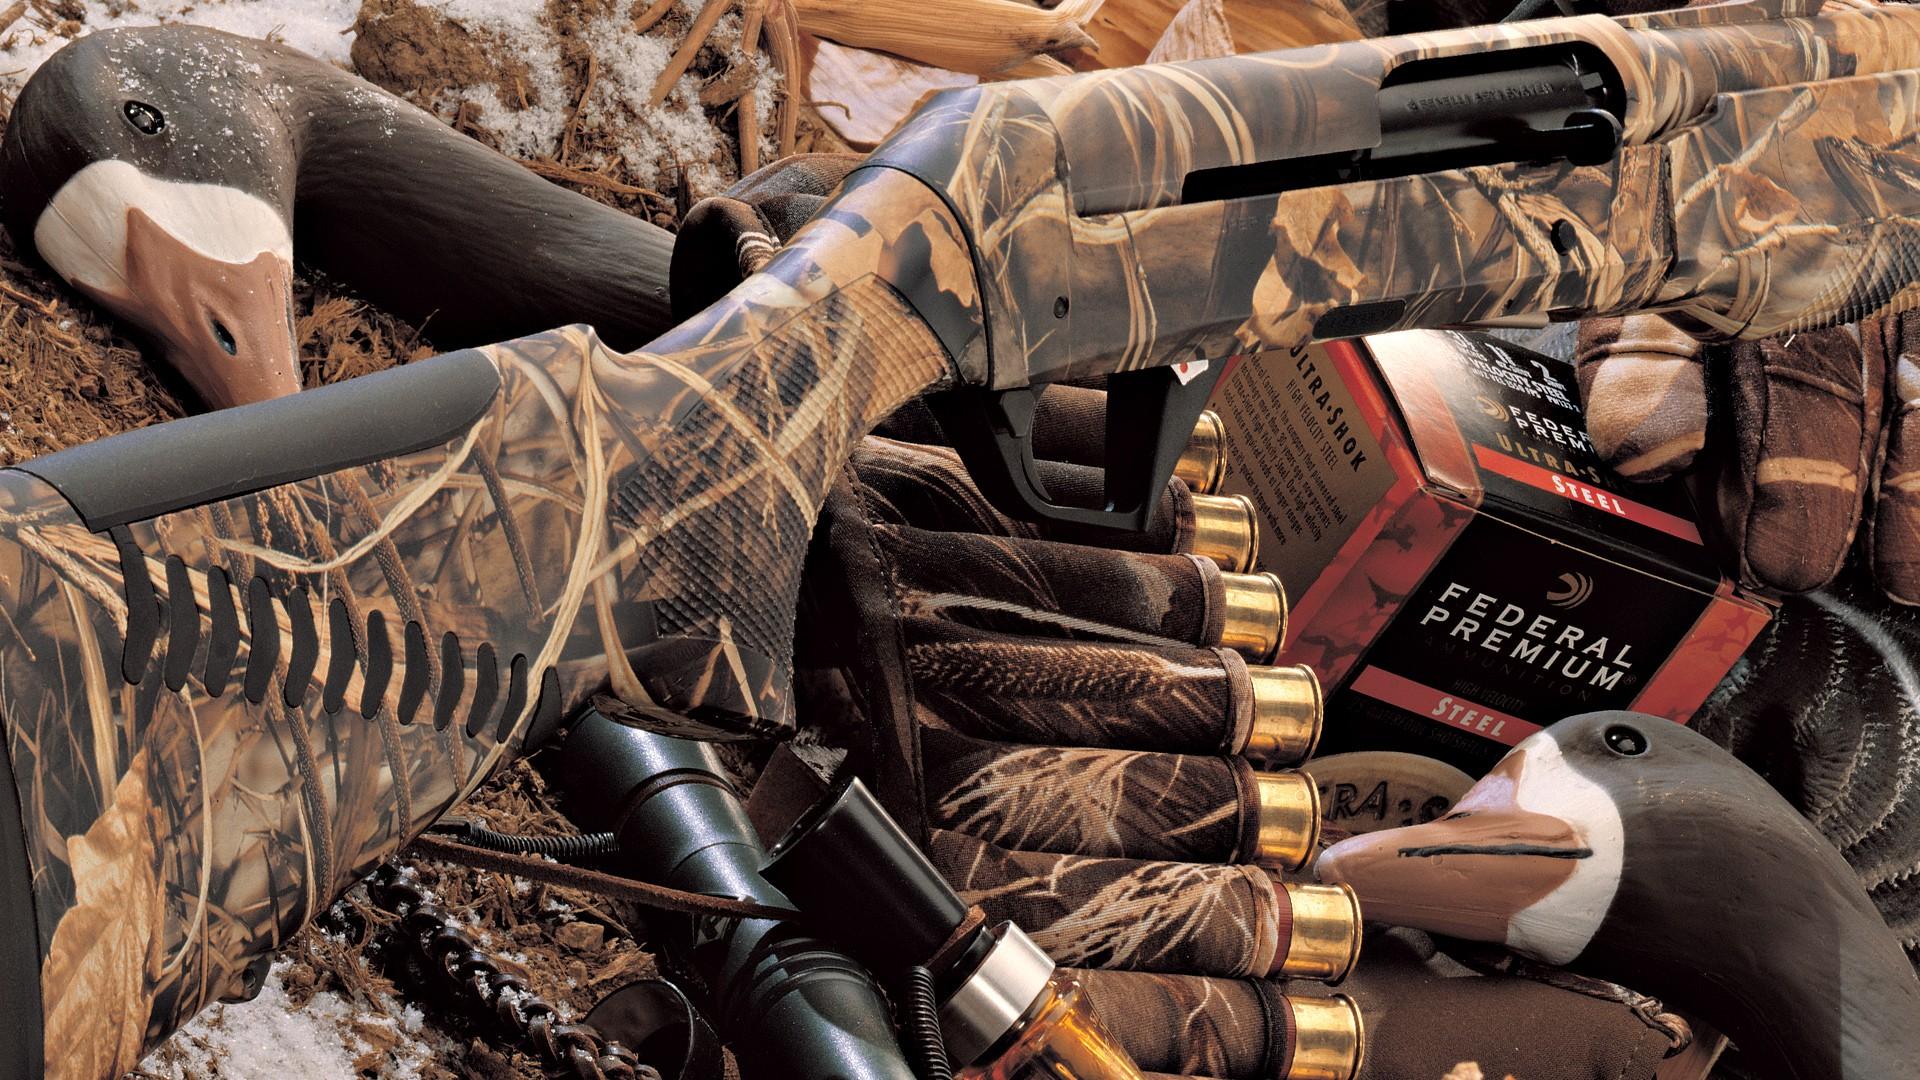 Download Guns Ammunition Wallpaper 1920x1080 Wallpoper 426836 1920x1080